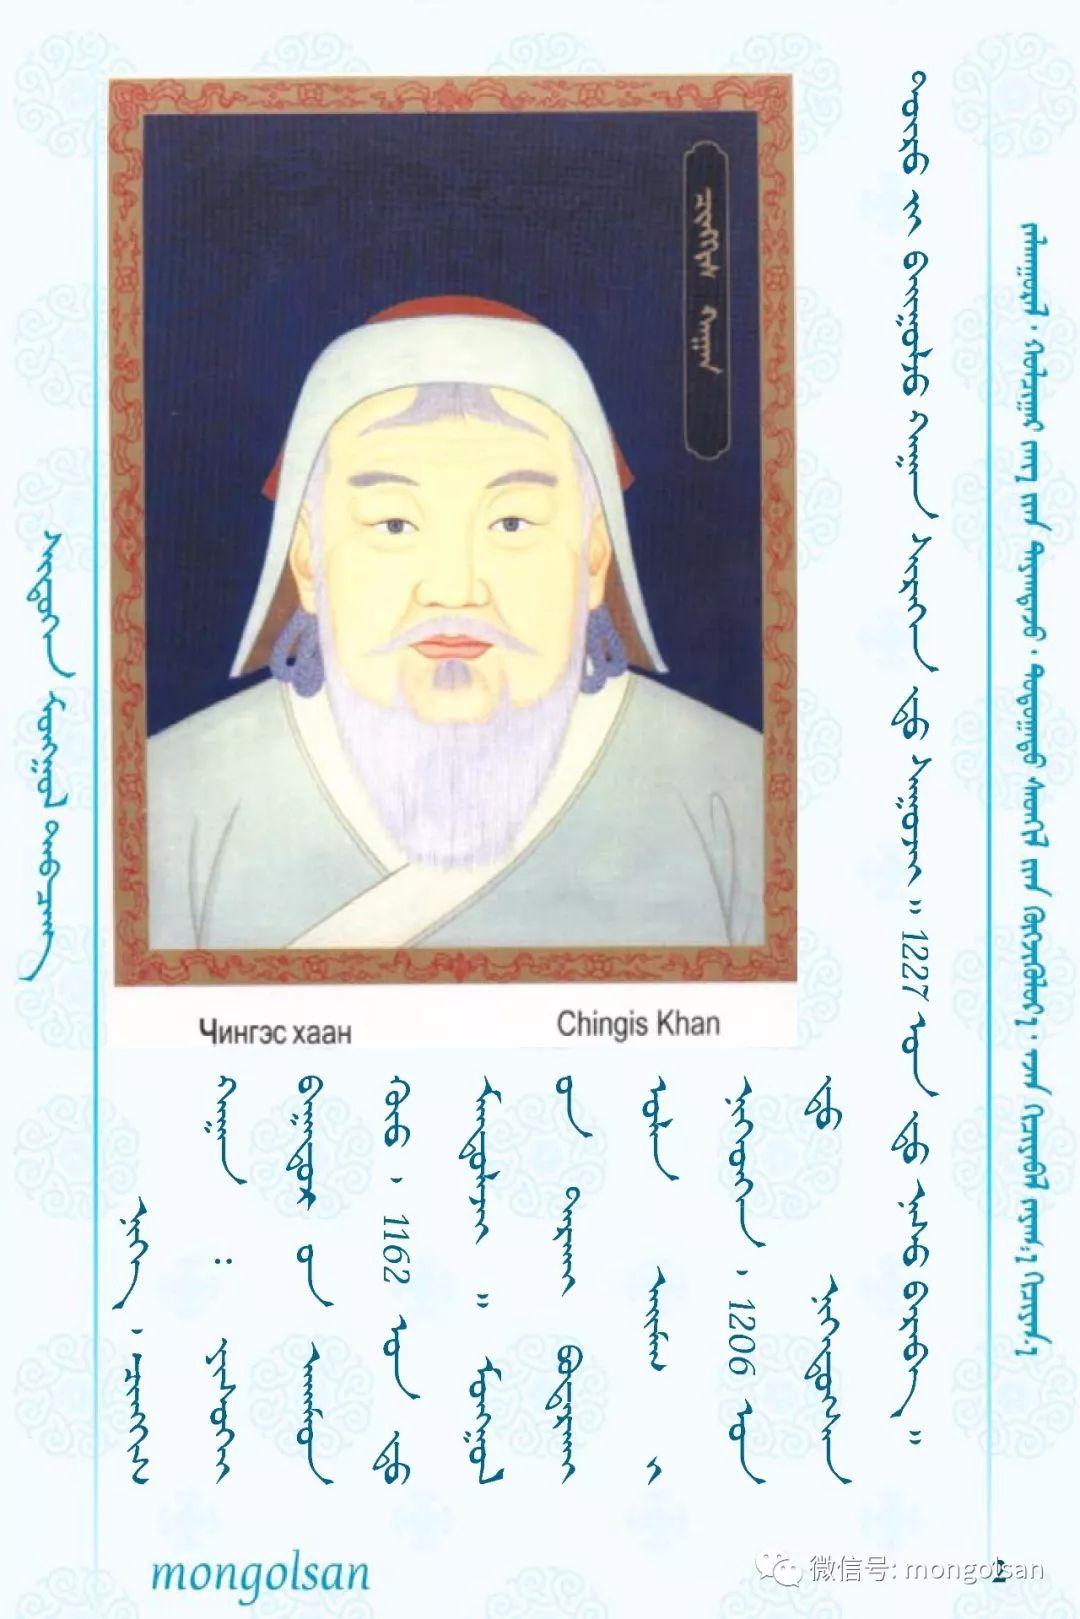 【关注】蒙古皇帝列表 第2张